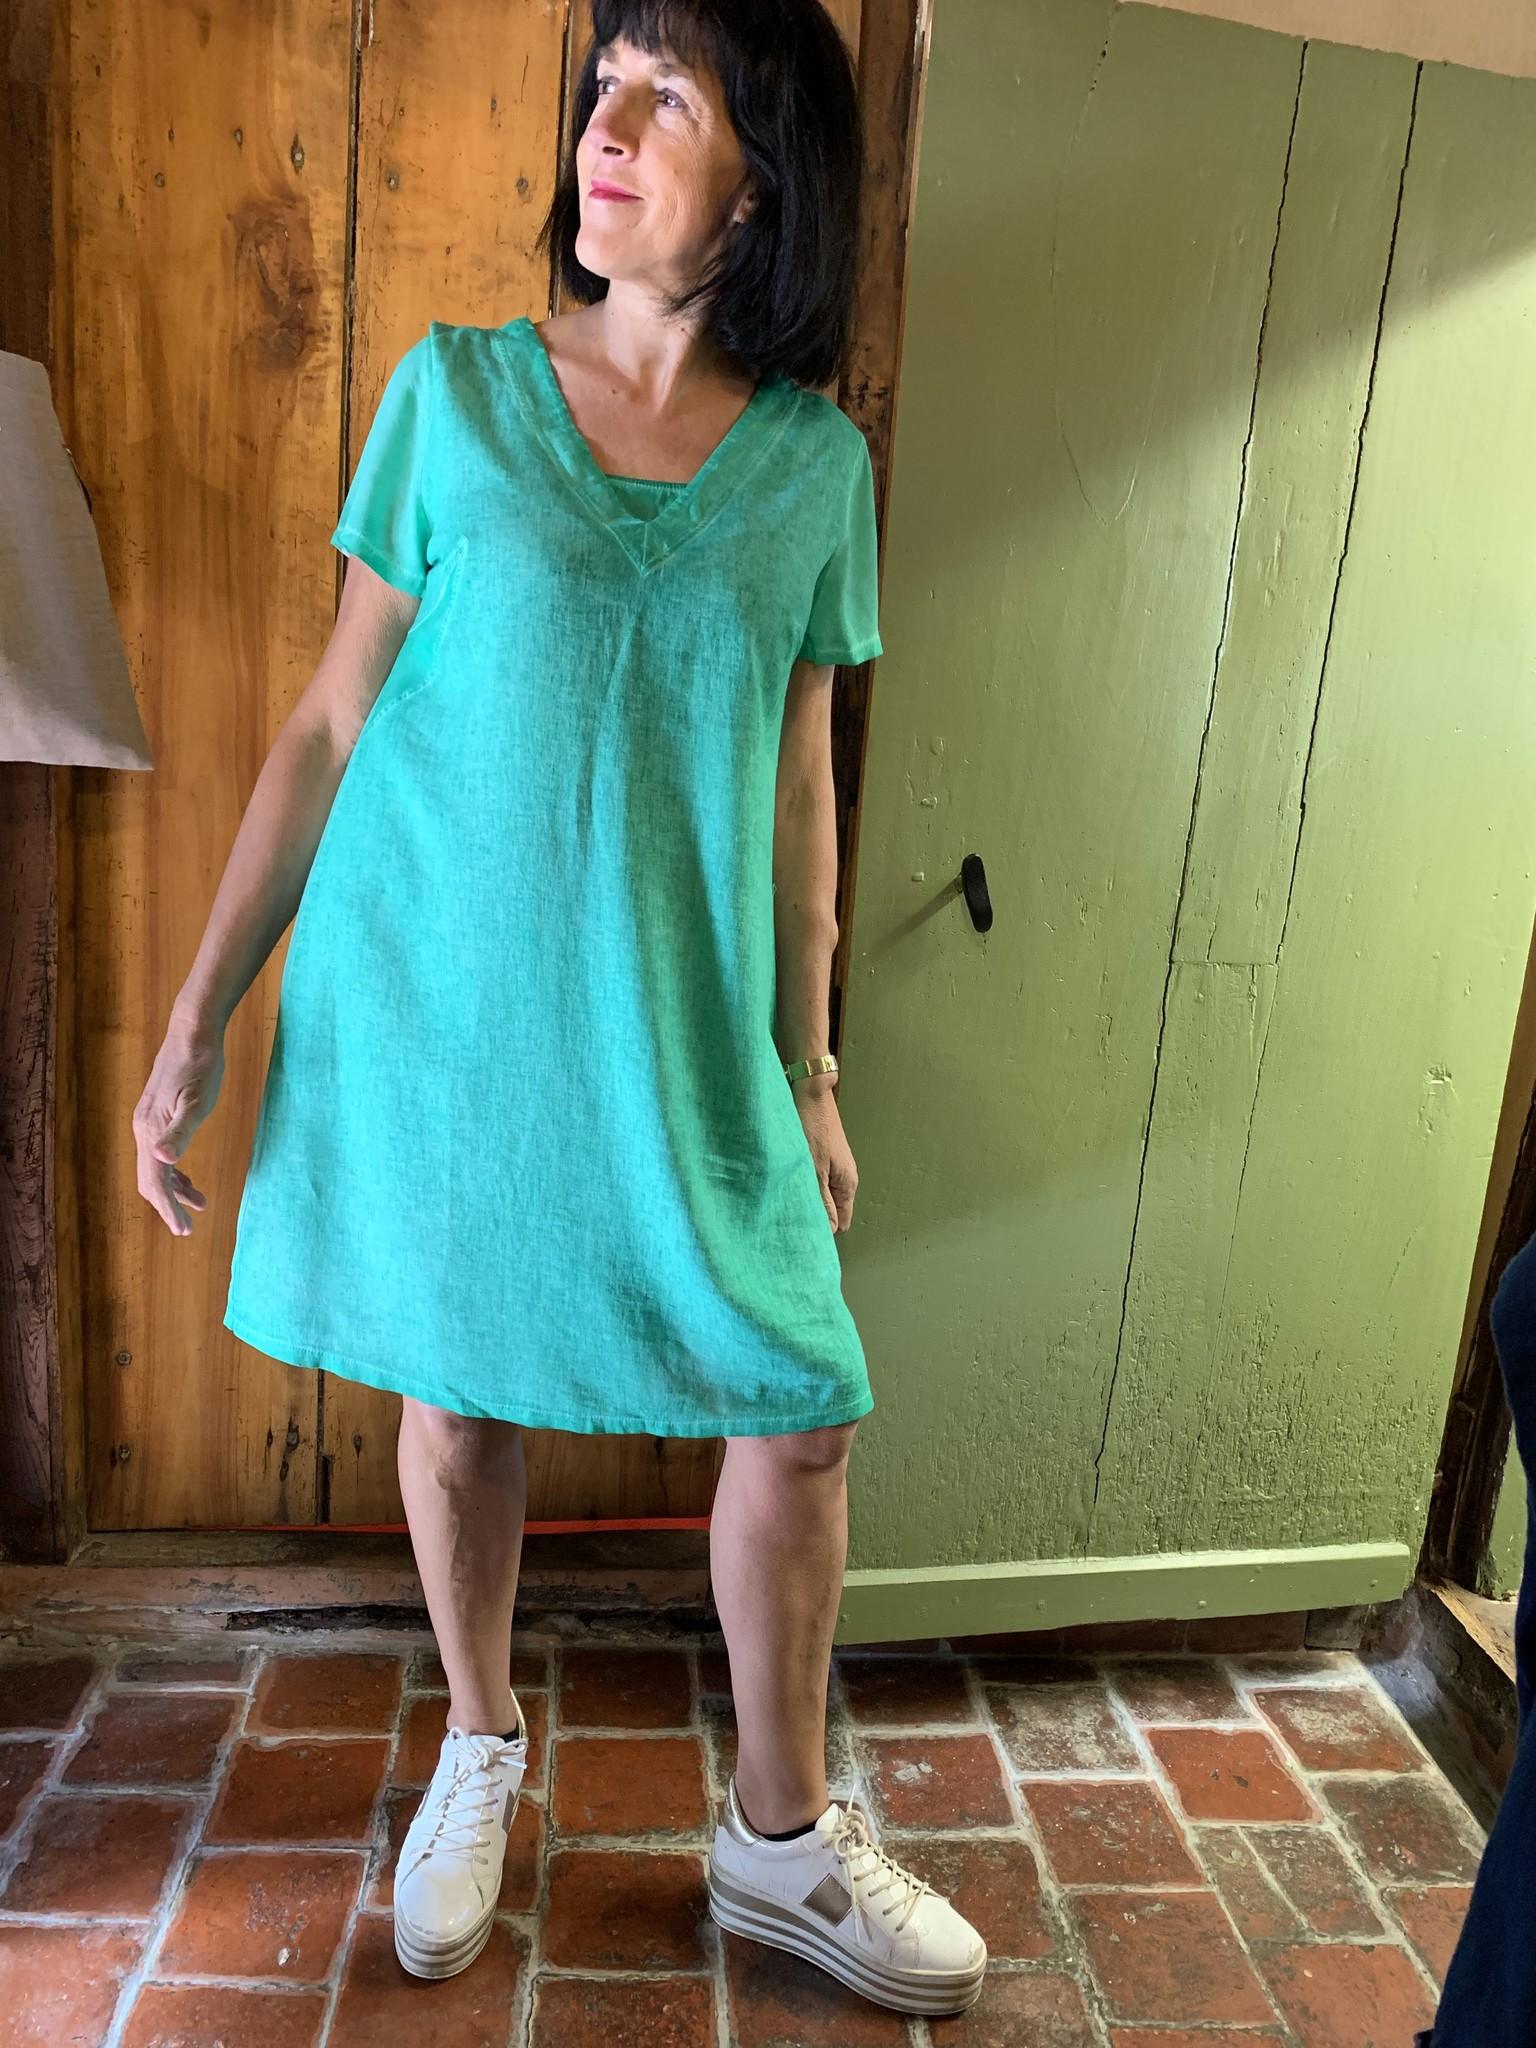 Maloka Celadon green trixie dress